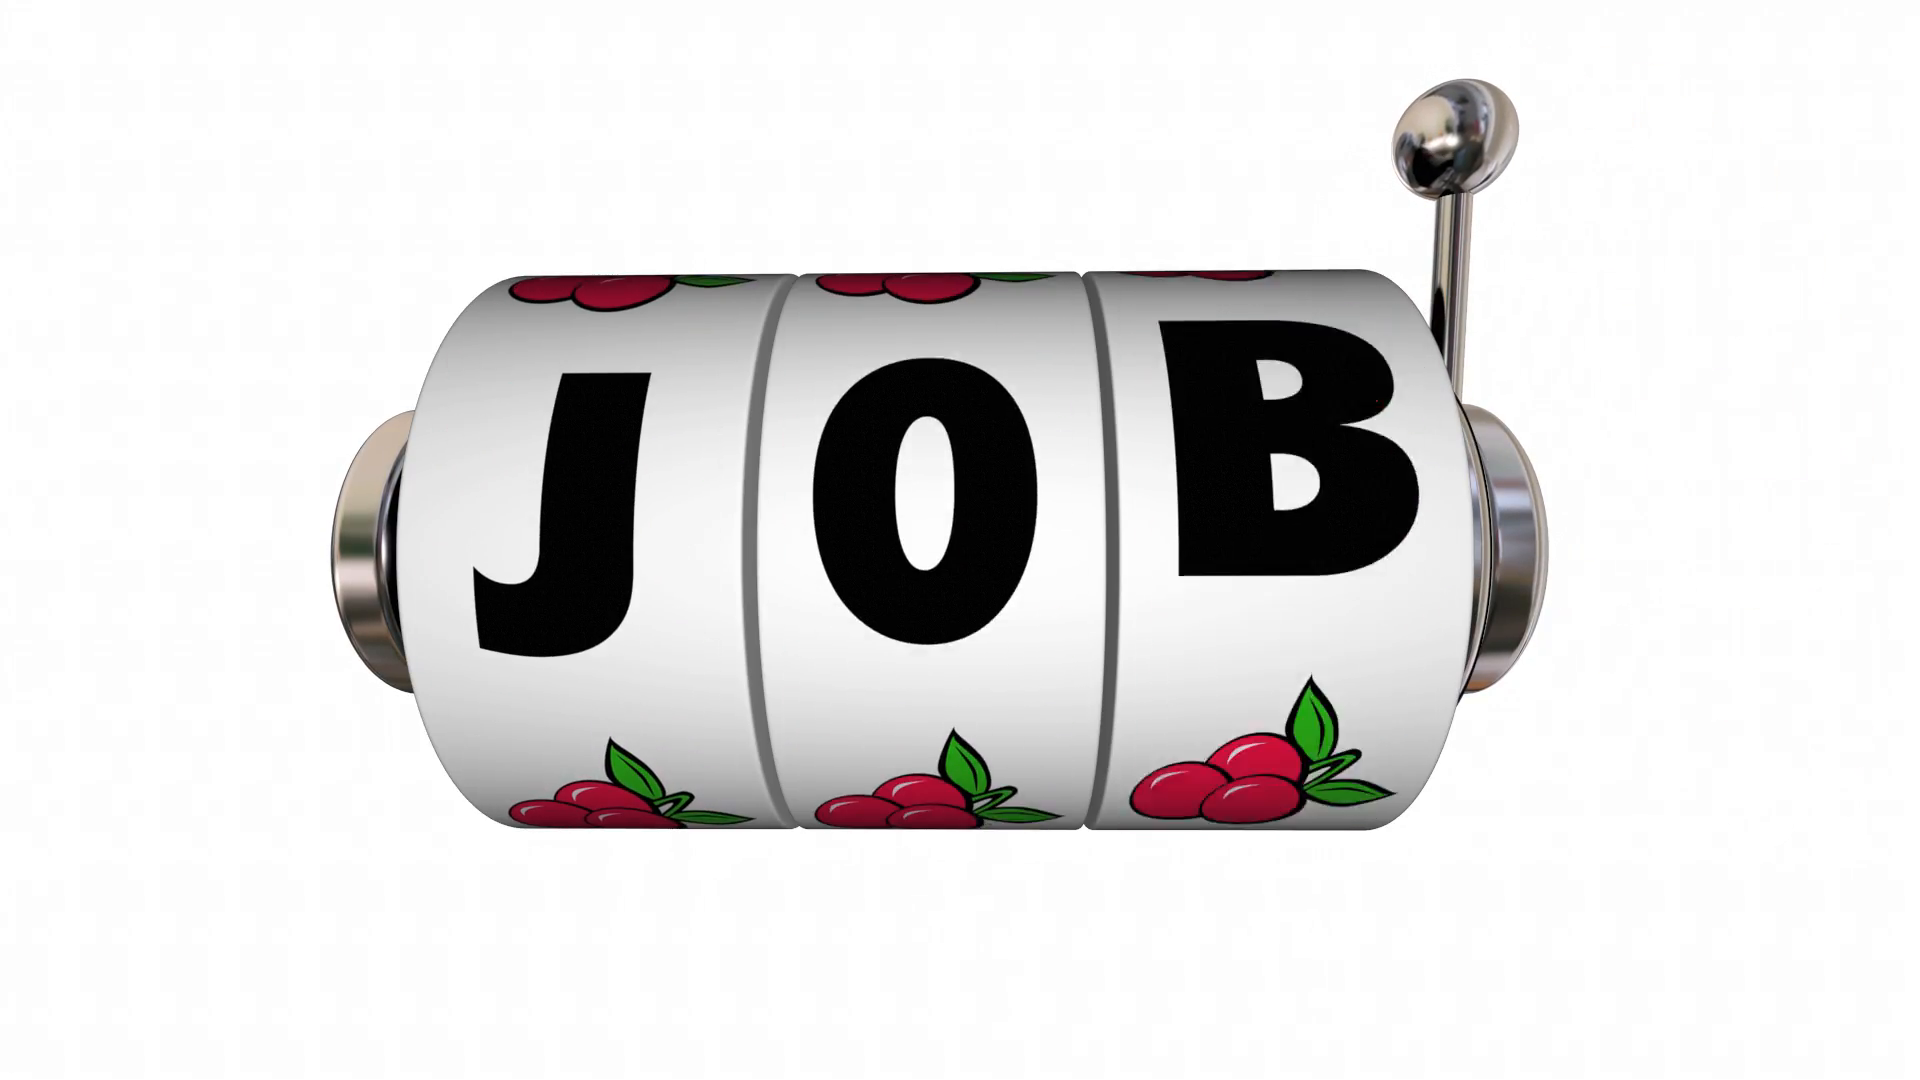 Jobs Expo Launches Jobs Expo Job Slot on Dublin's Radio Nova